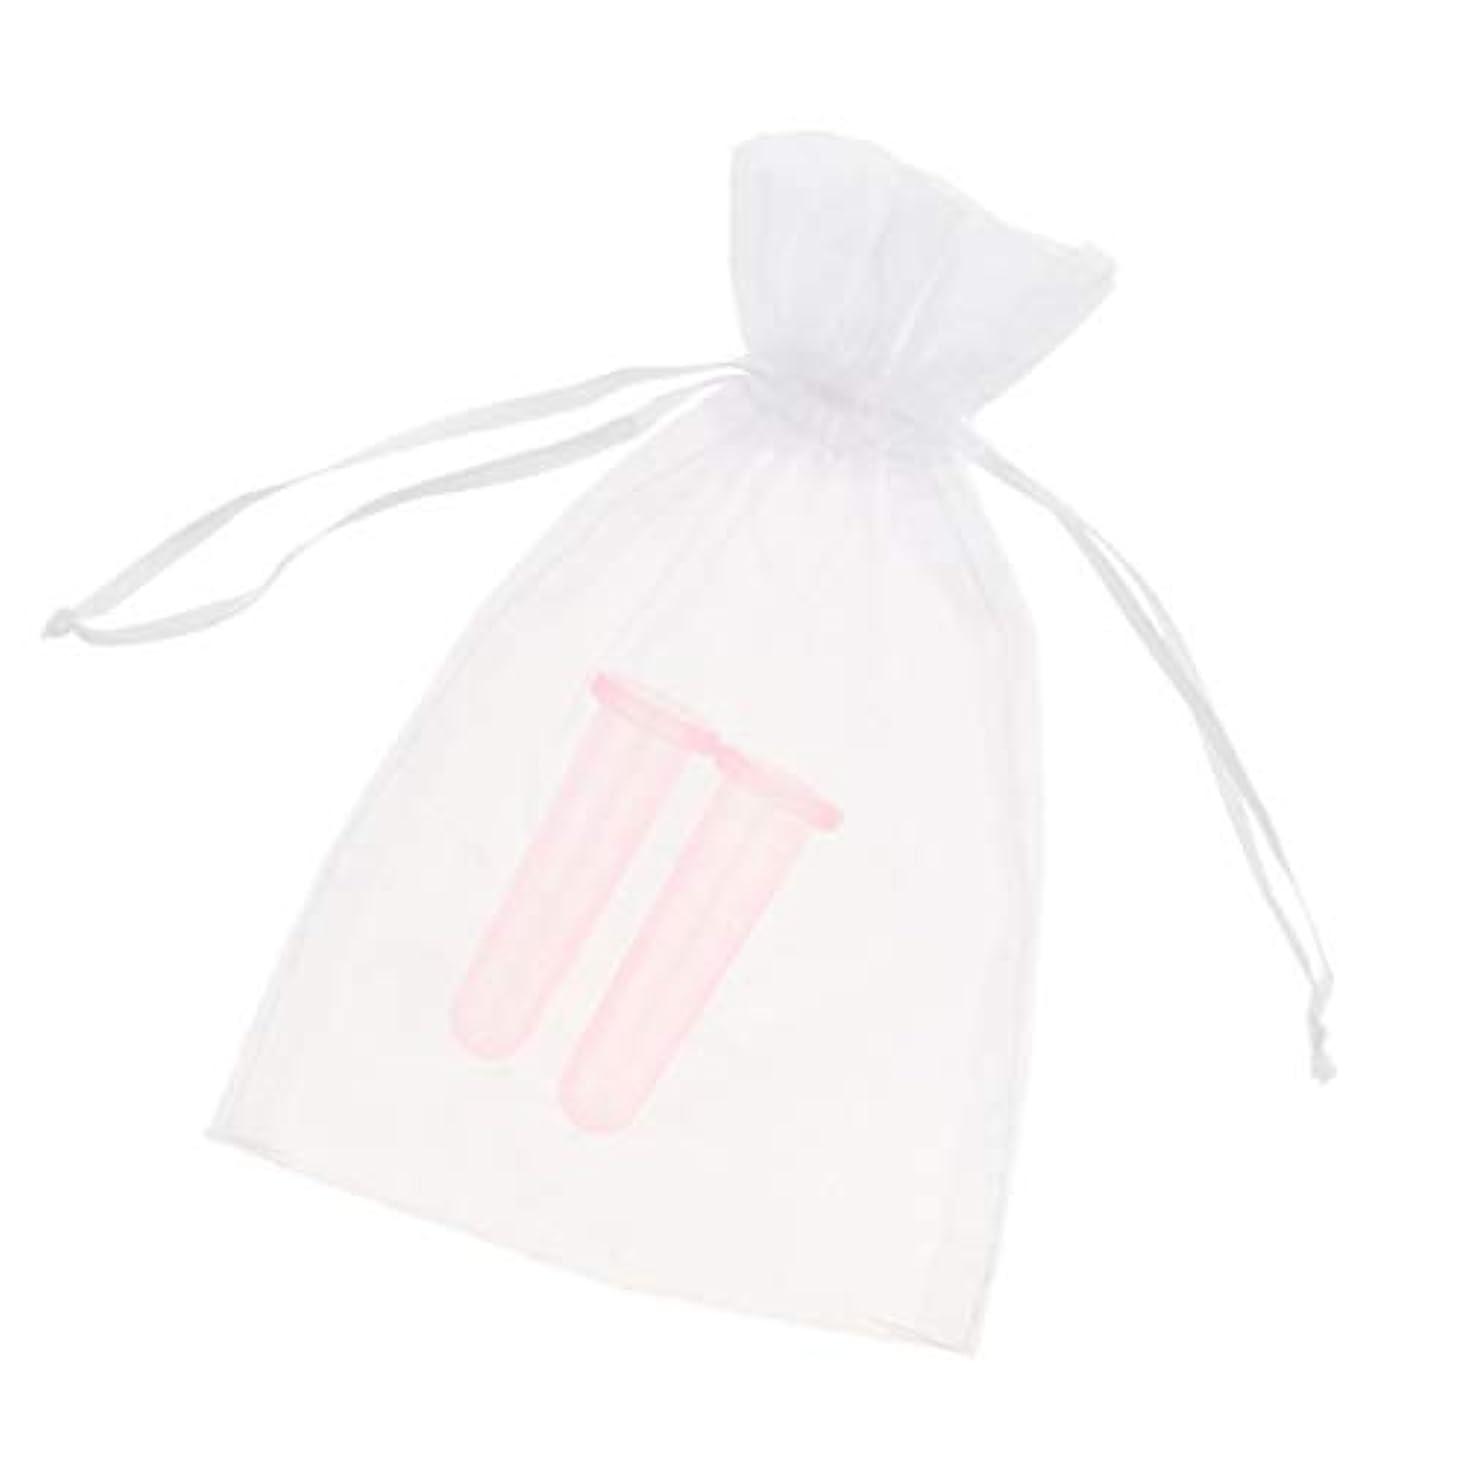 最愛のぎこちない楽観的シリコンカッピング吸い玉 真空カッピング デトックス マッサージカップ 収納ポーチ付き顔用2個全2色 - ピンク